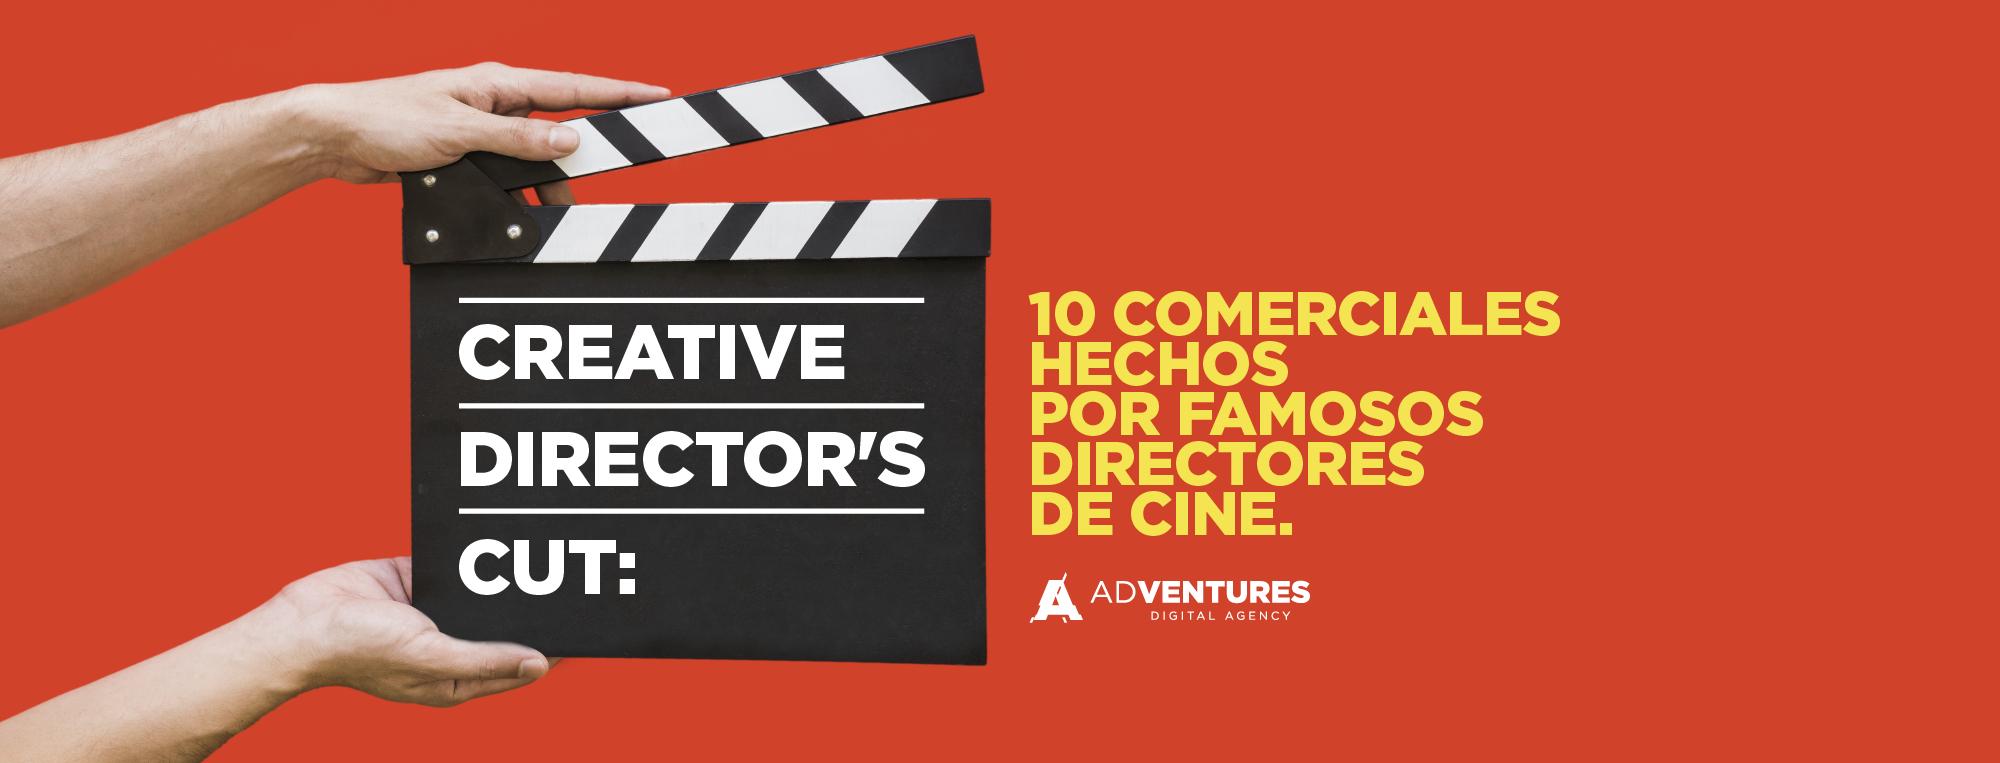 CREATIVE DIRECTOR'S CUT:10 comerciales hechos por famosos directores de cine.